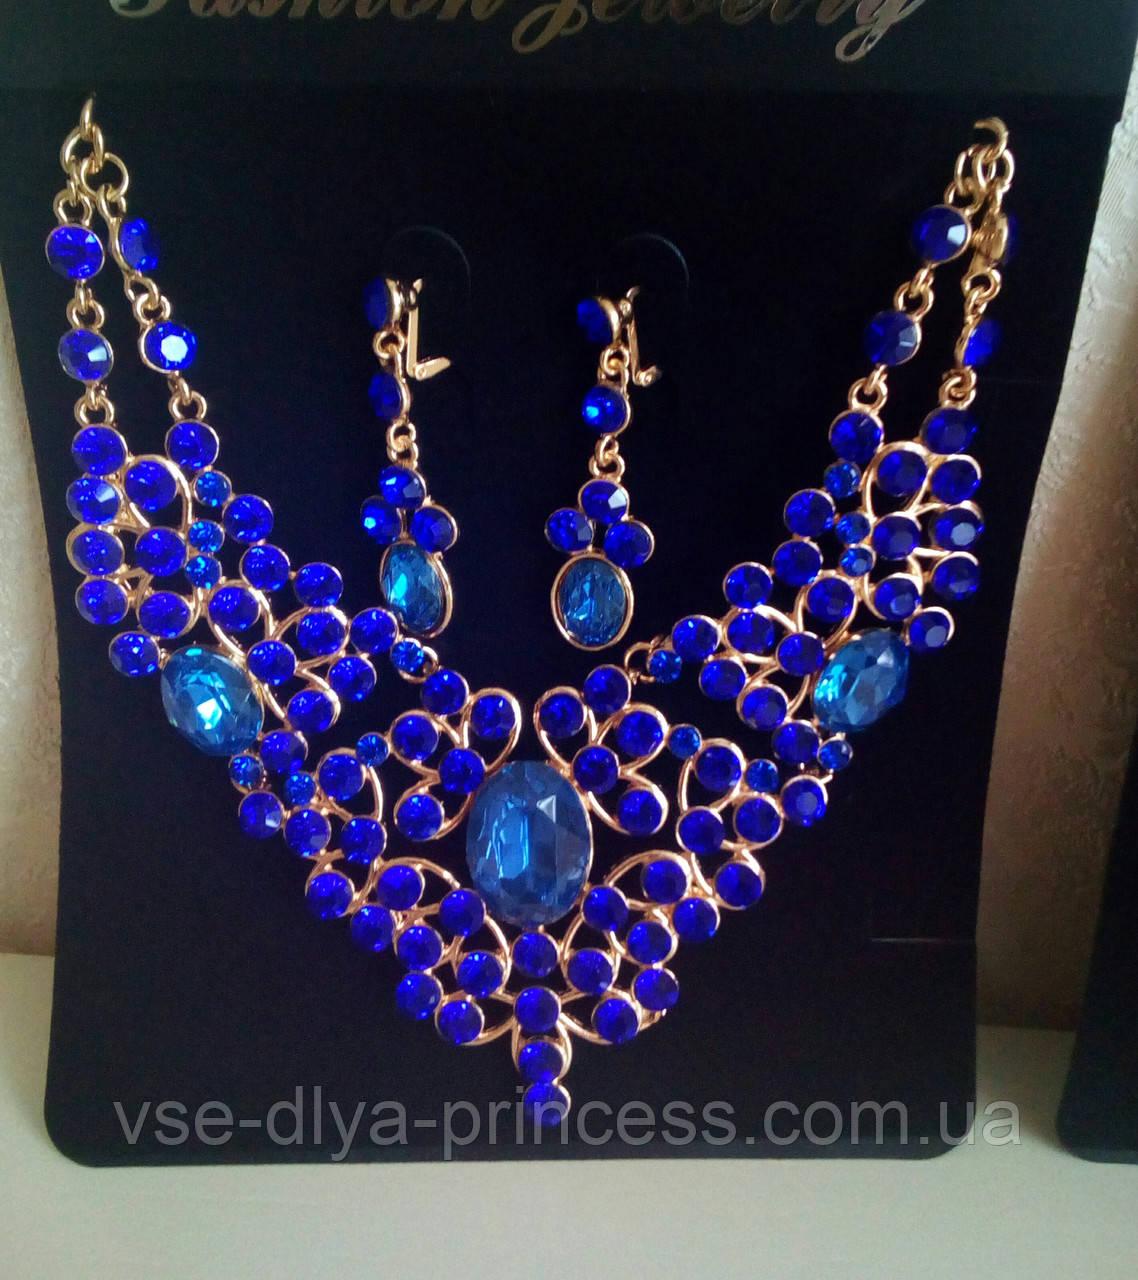 Набір біжутерії під золото з синім камінням, намисто і сережки